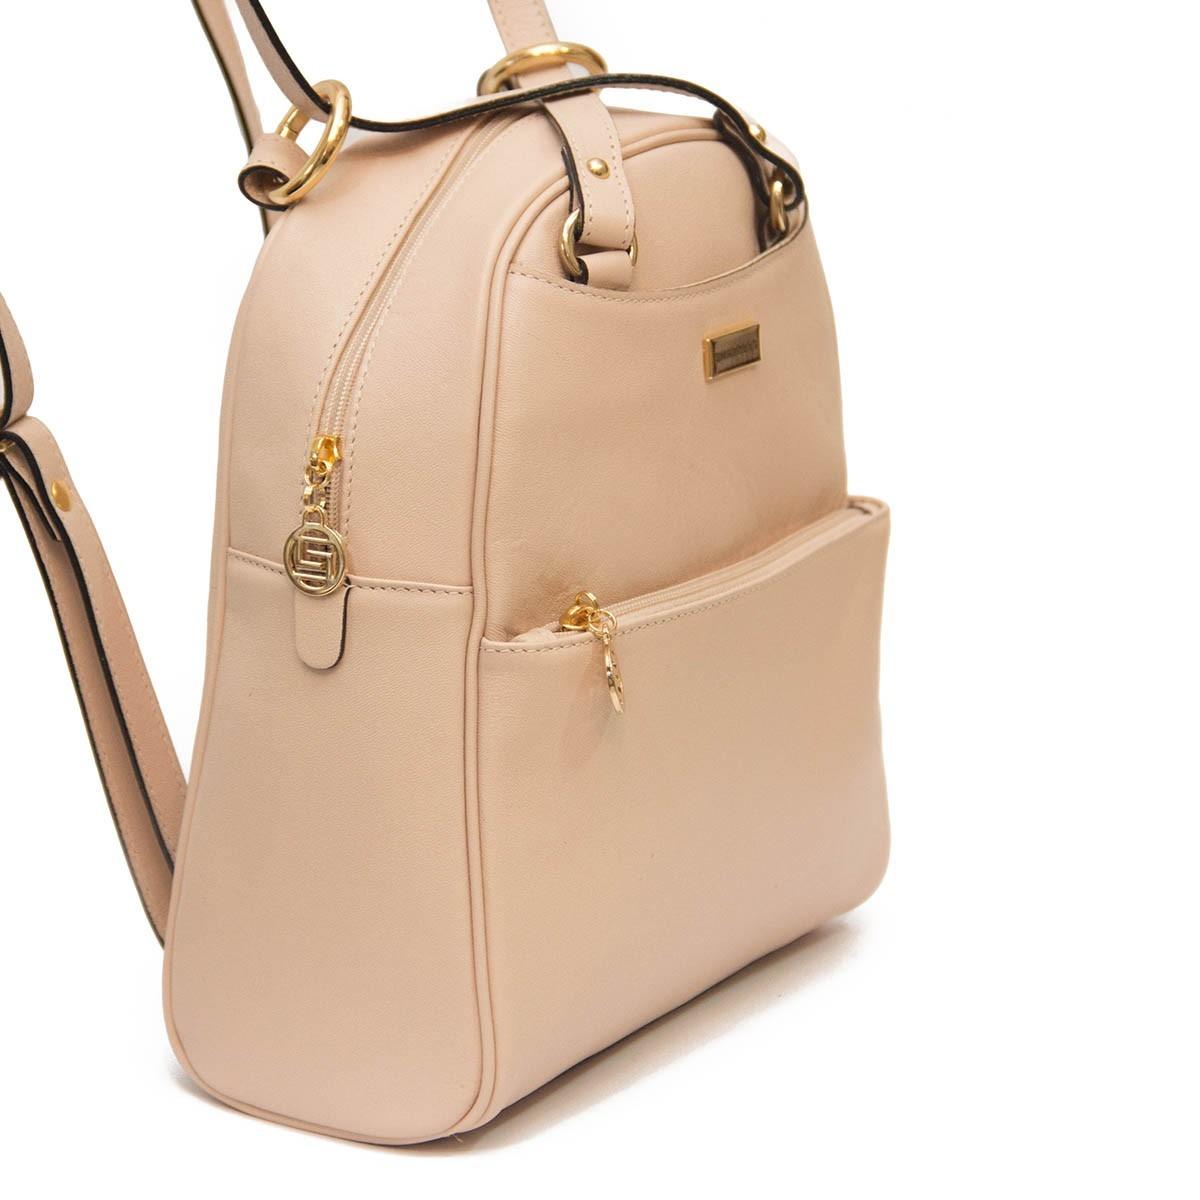 Bolsa Feminina De Costas : Bolsa de costas feminina couro melhores ideias sobre